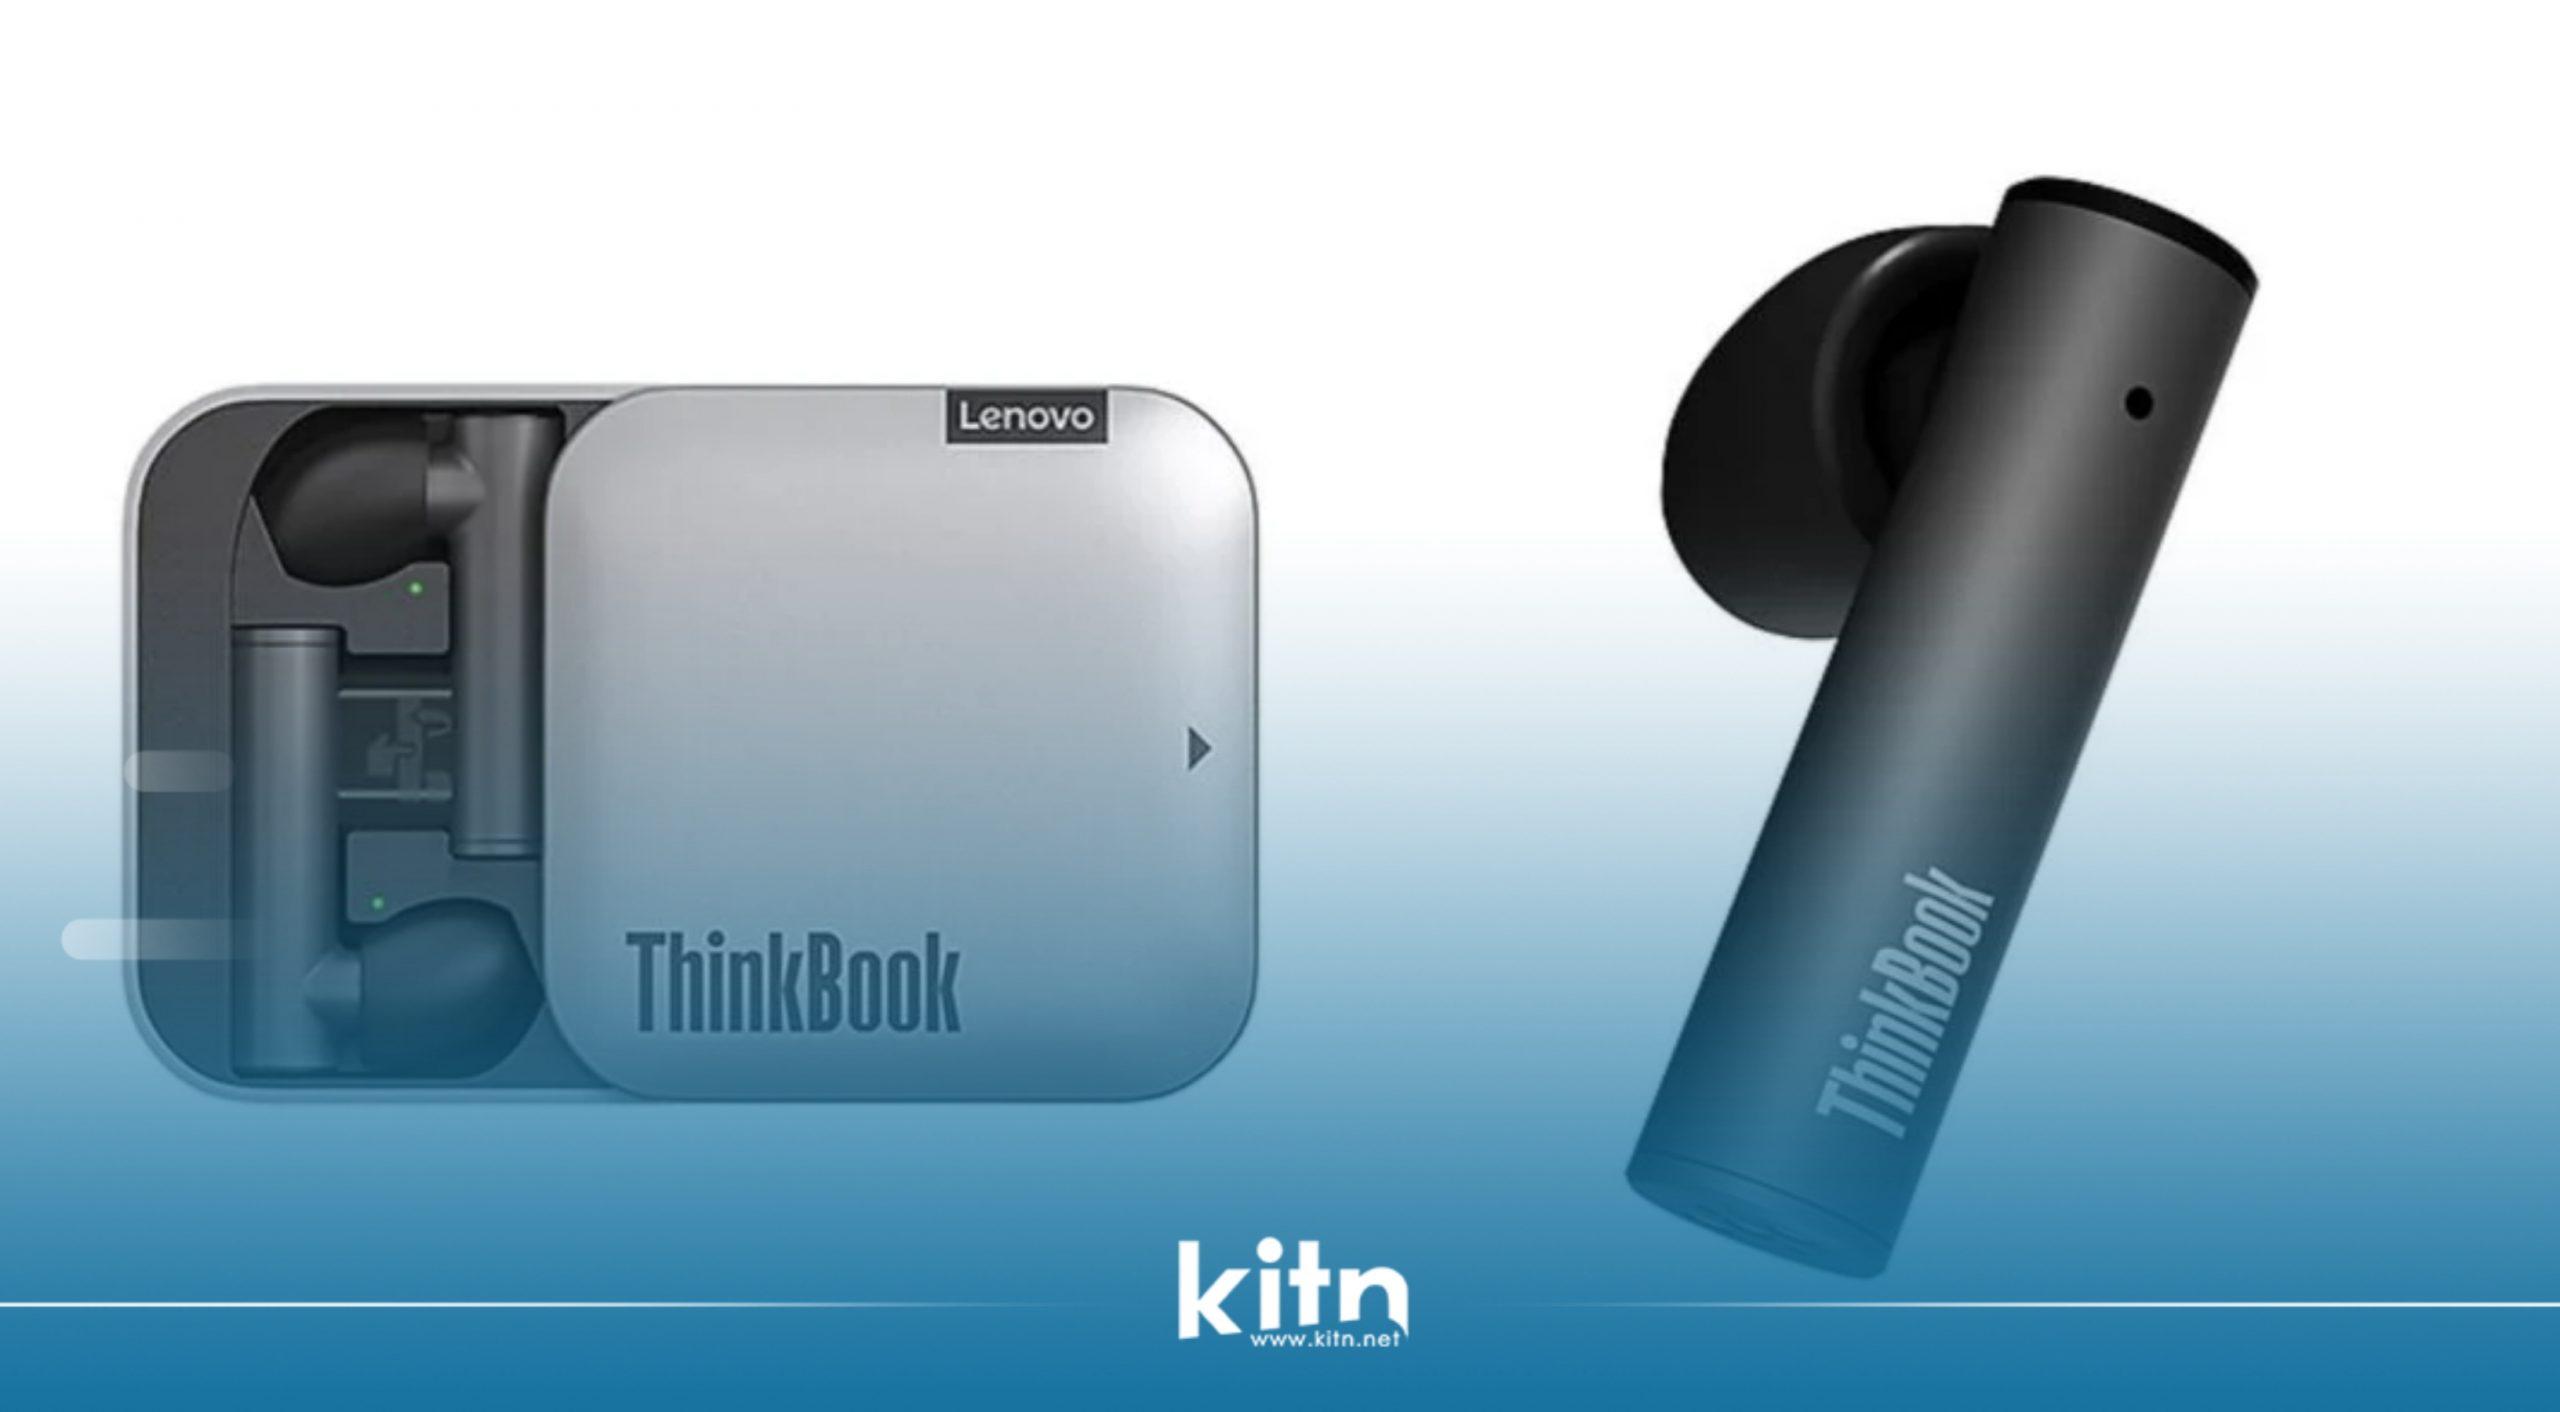 بیستۆکی بێتەلی Lenovo ThinkBook Pods Pro بە باشتر کراوی بۆ مایکرۆسۆفت Skype و Teams لە چین نمایش کرا